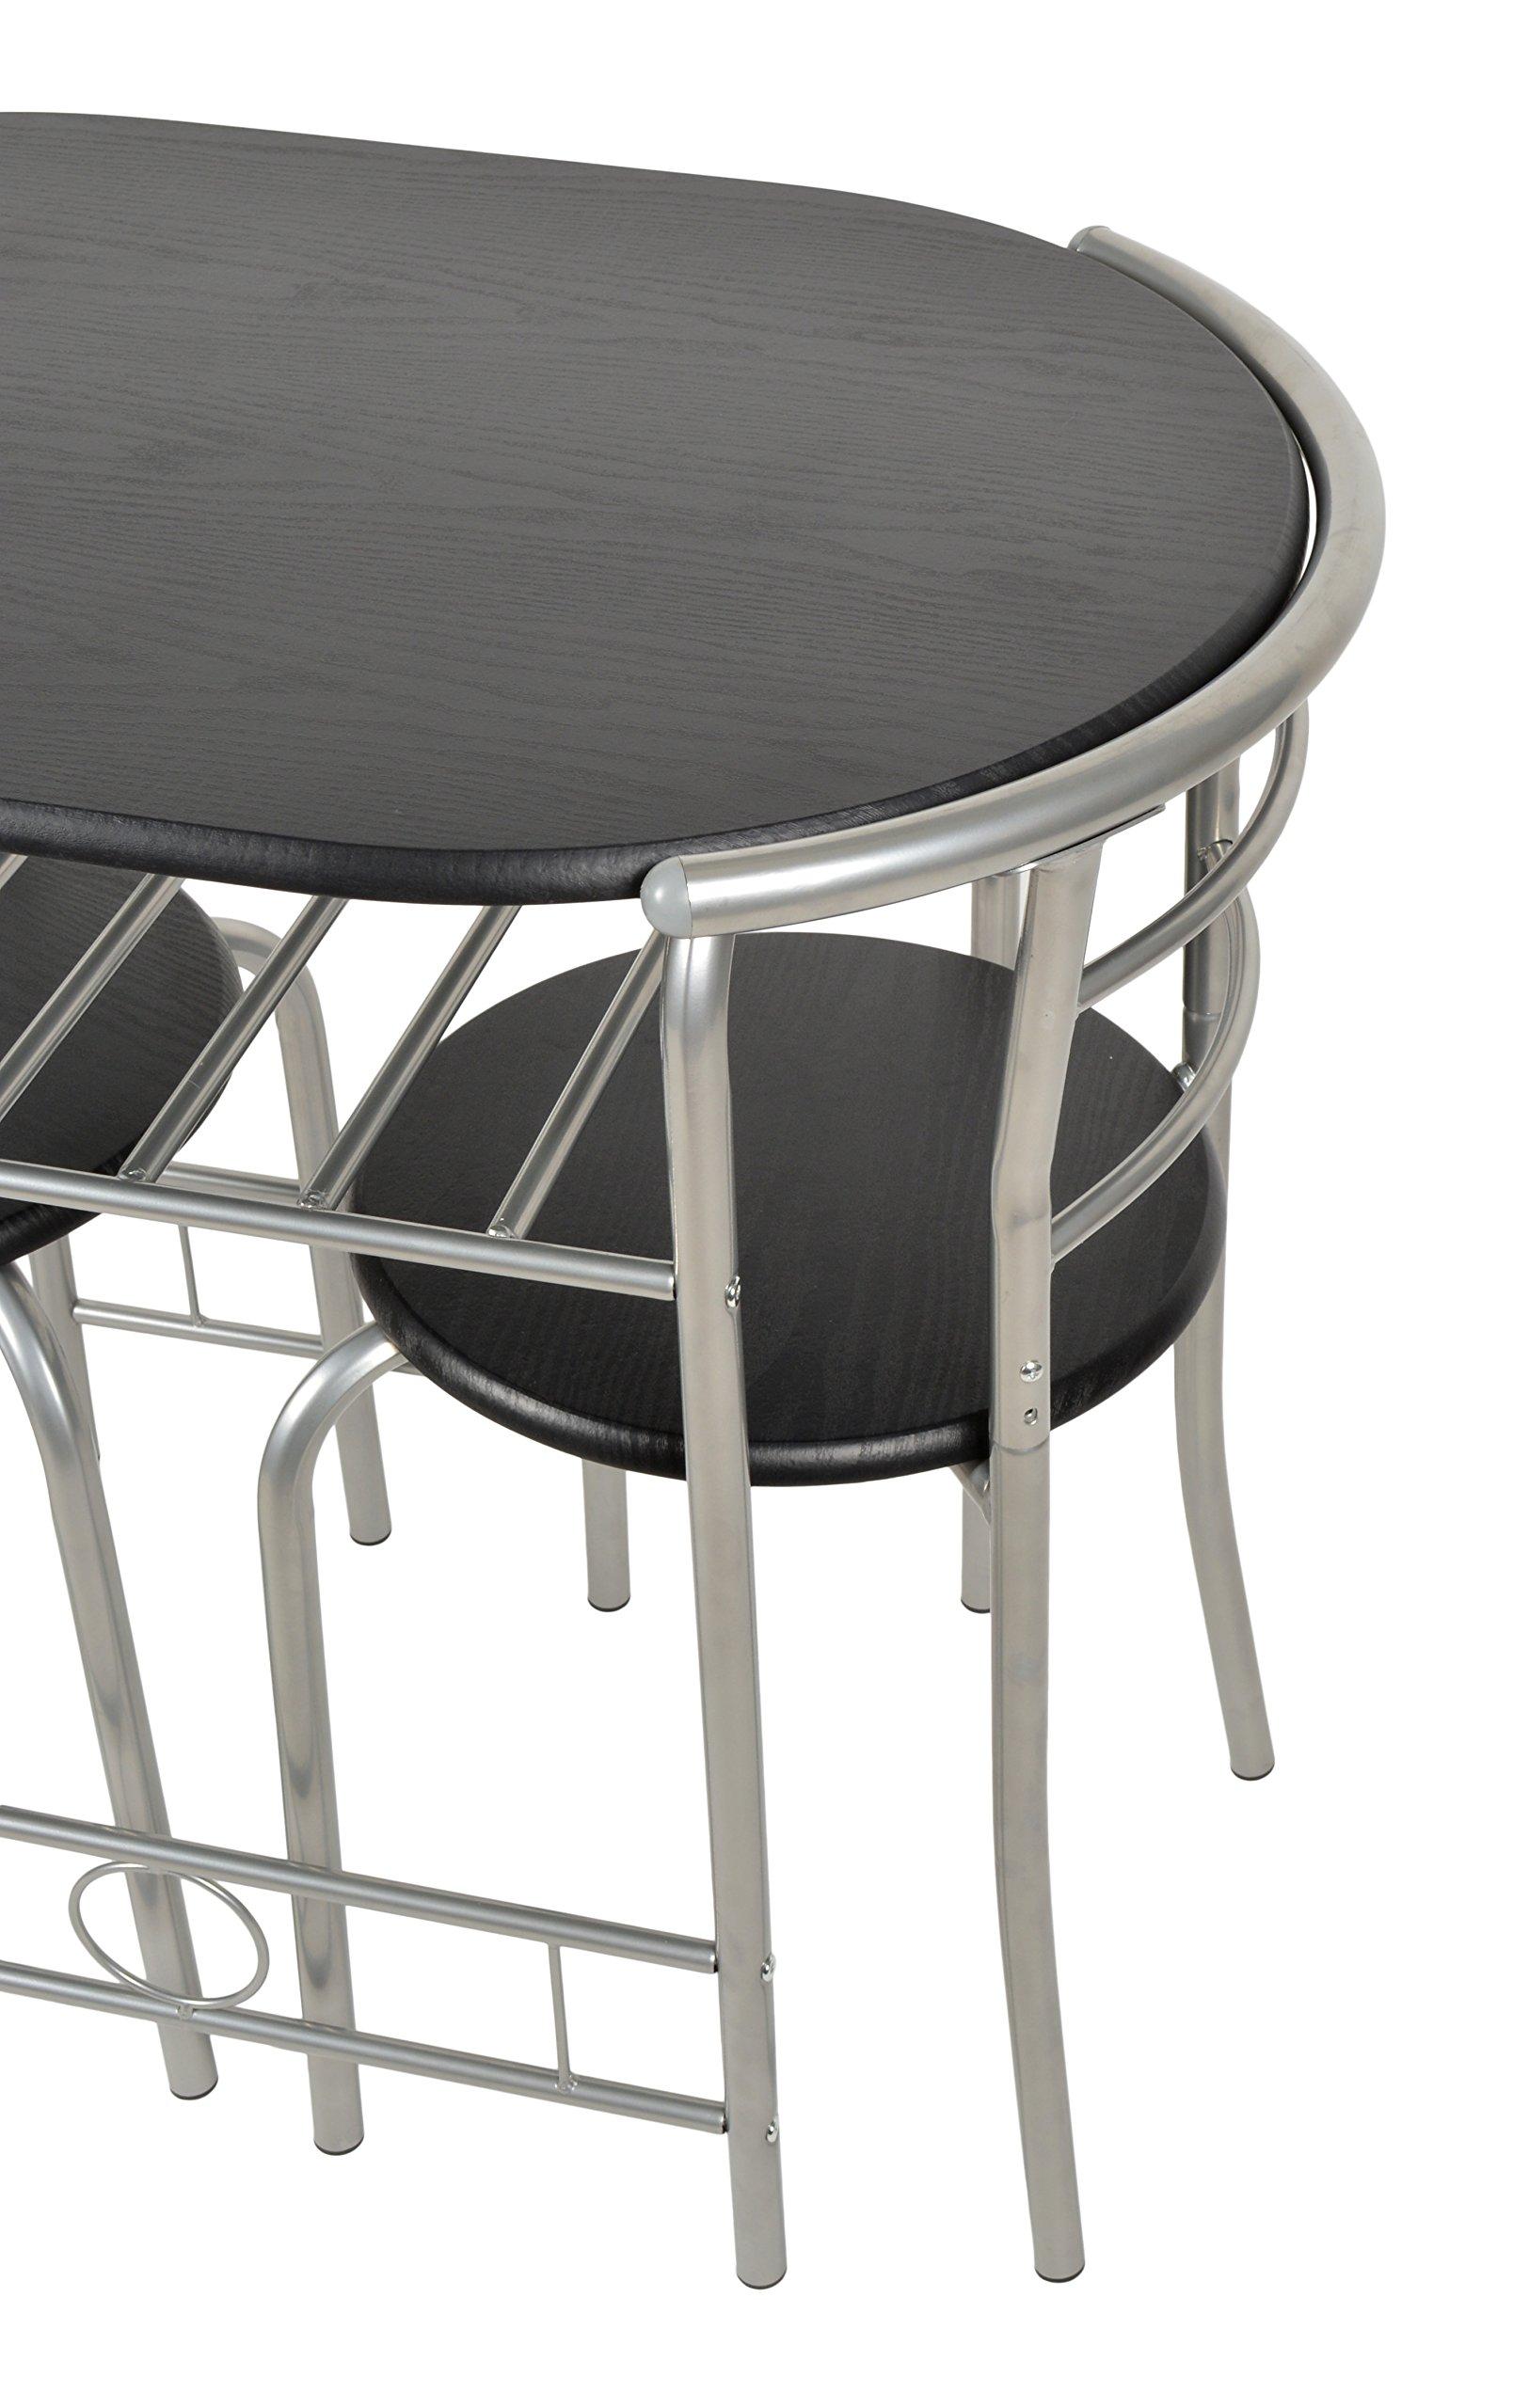 ts-ideen Set 3 Pezzi Tavolo con 2 sedie in Alluminio e MDF Color Nero per  Cucina o Sala da Pranzo